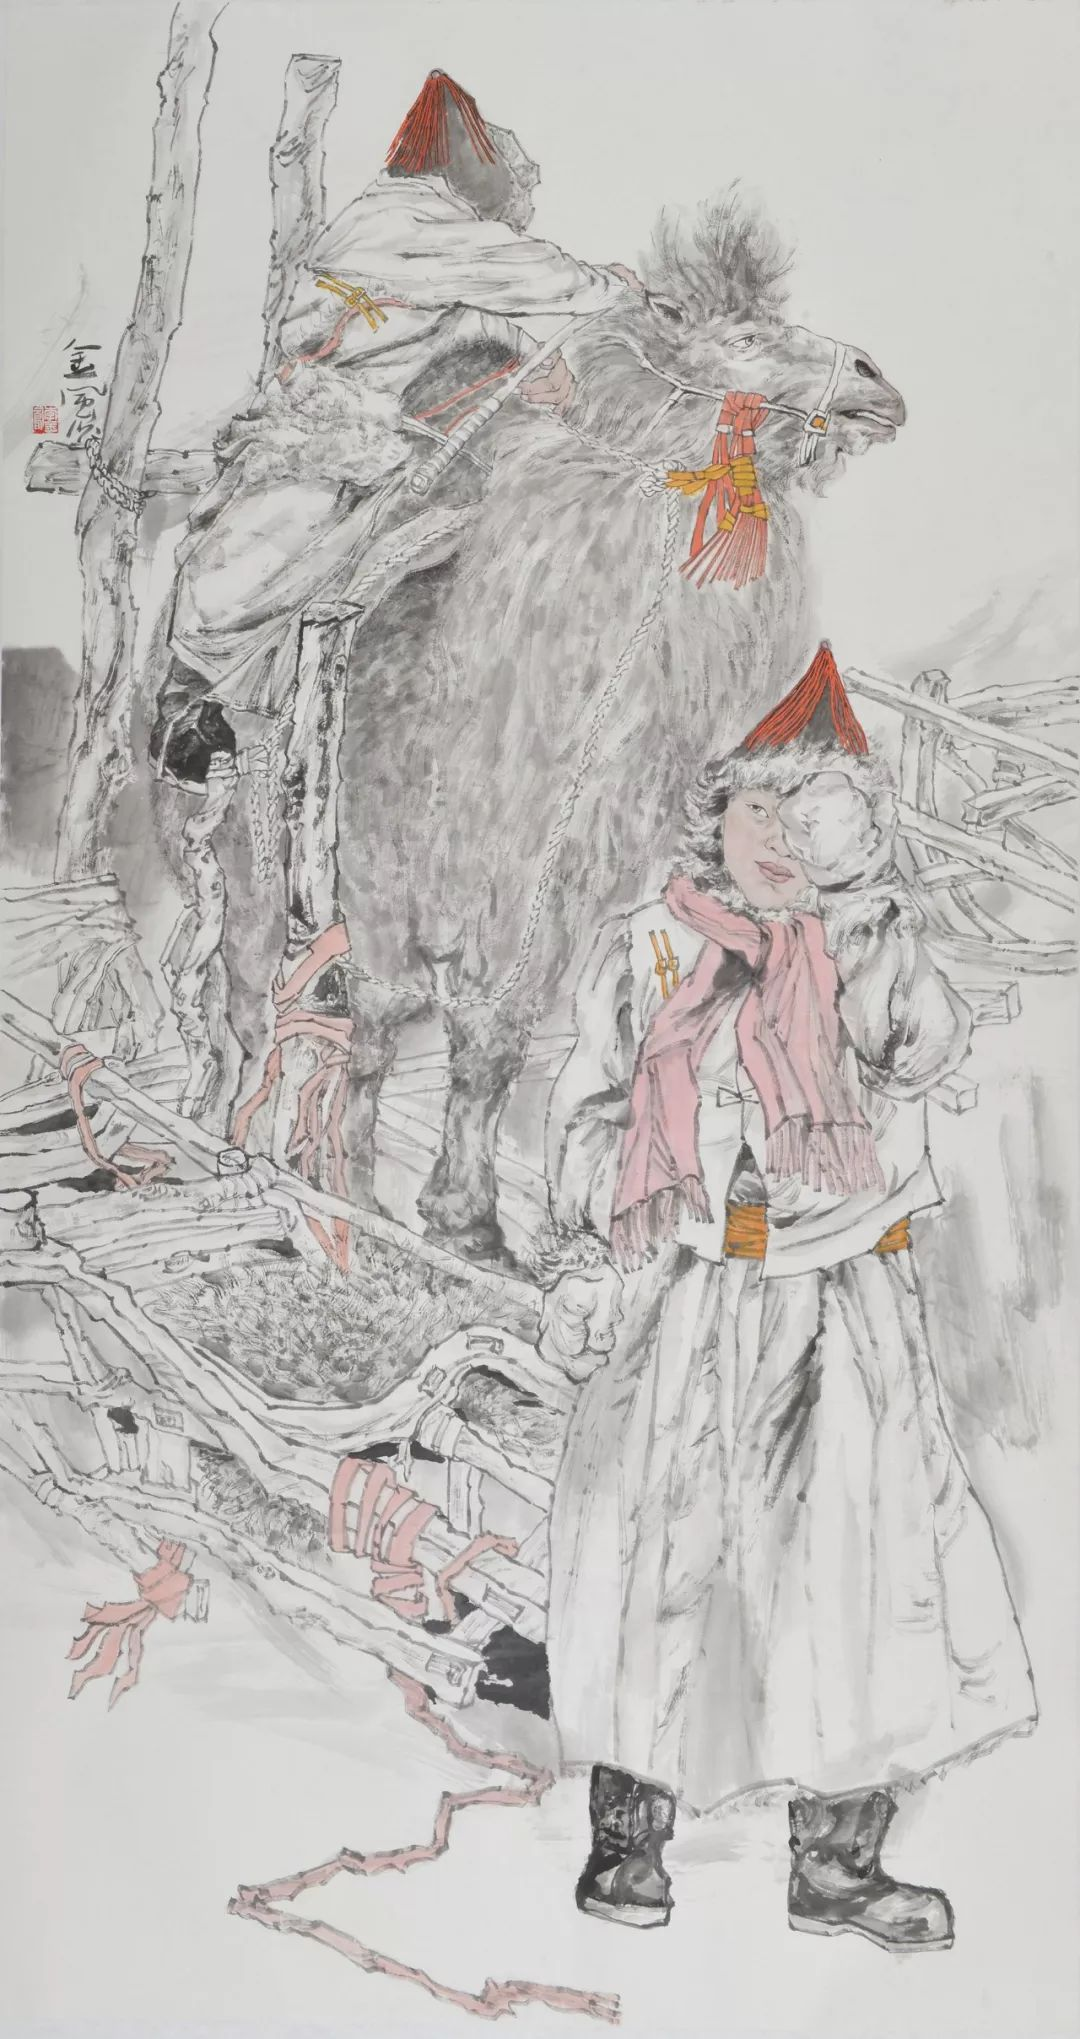 李金风国画作品欣赏 第14张 李金风国画作品欣赏 蒙古画廊